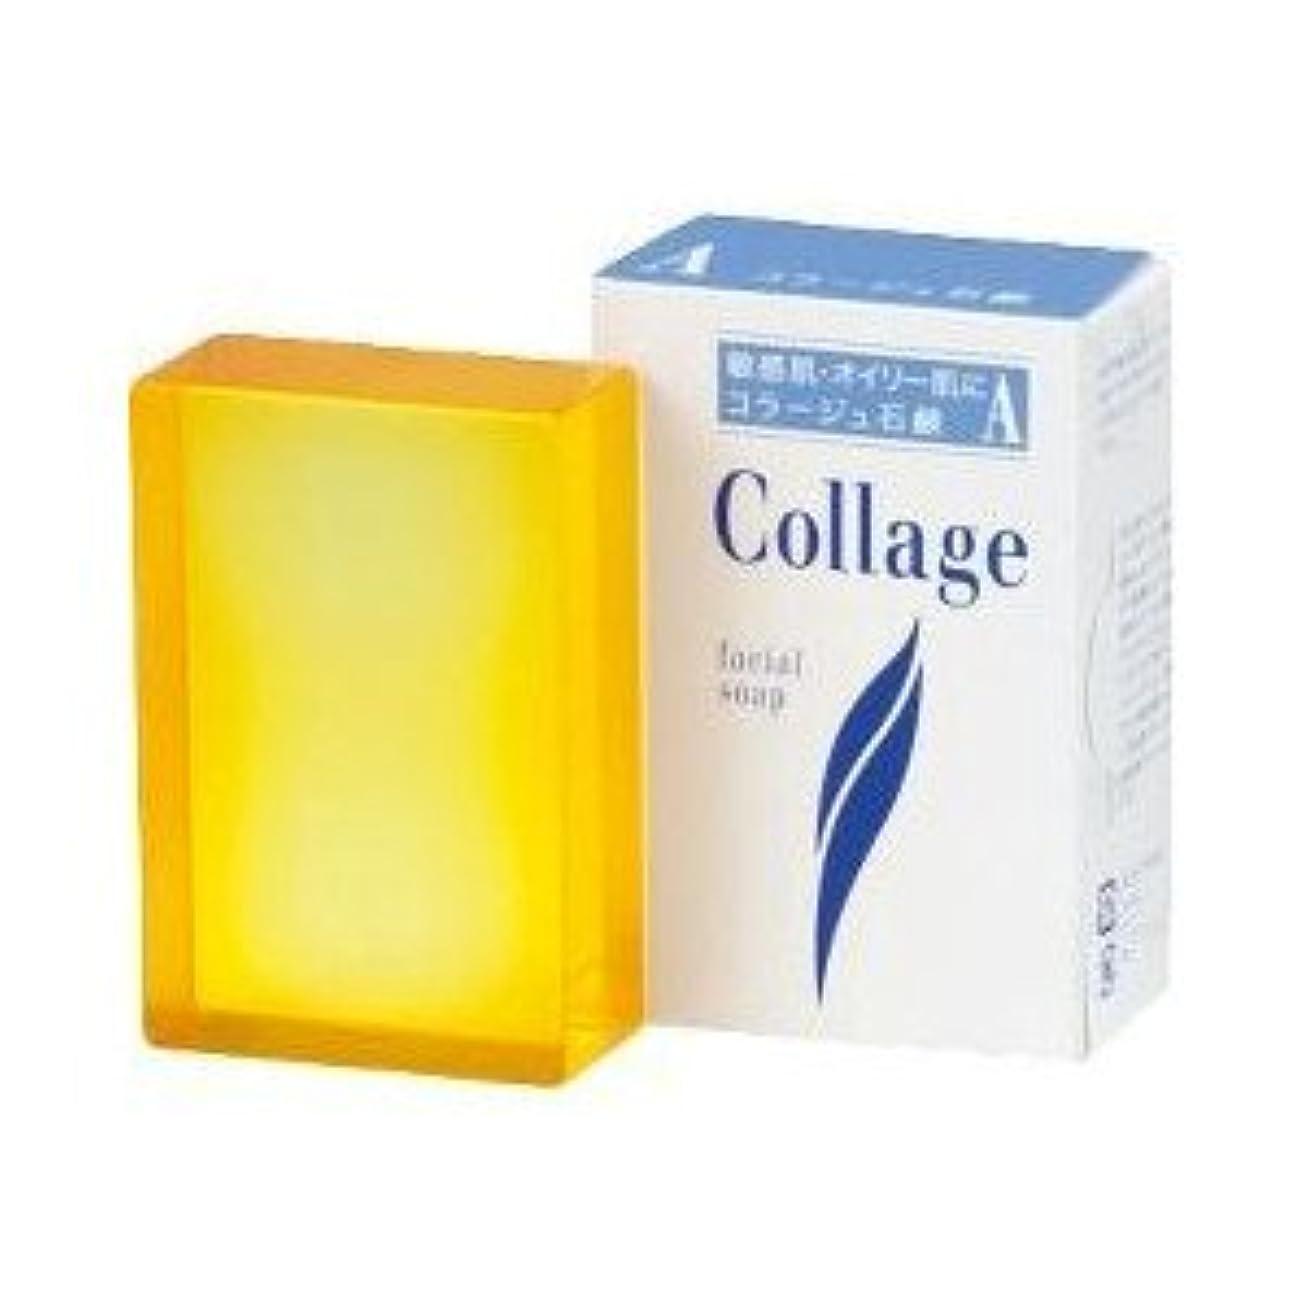 露出度の高い薬用ペルソナ(持田ヘルスケア)コラージュA脂性肌用石鹸 100g(お買い得3個セット)